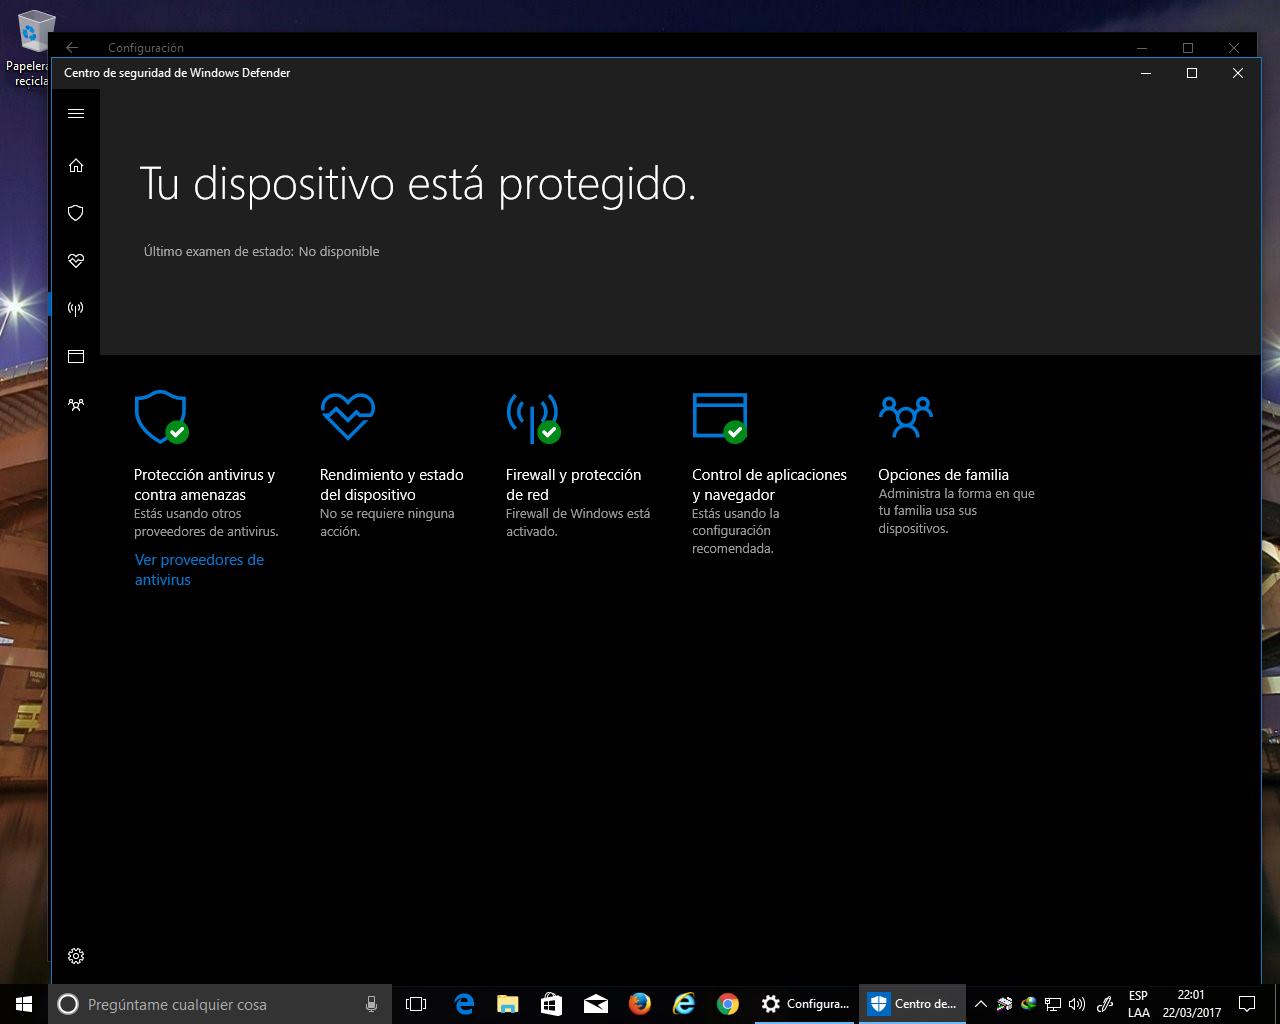 Descargar Iso Windows 10 Creators Update Collection 1703